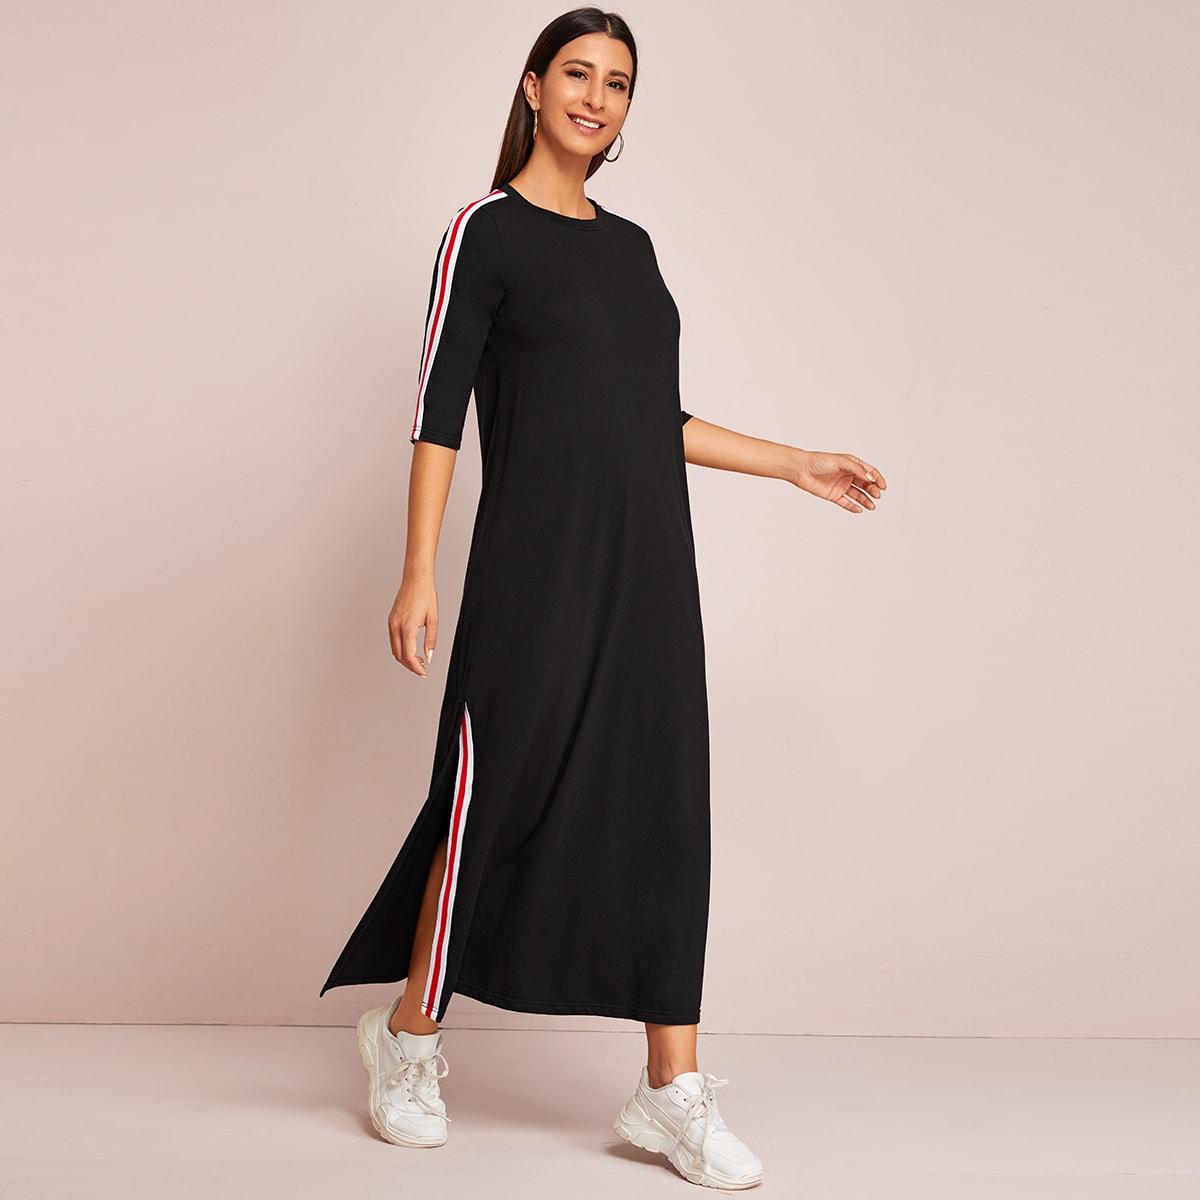 SHEIN / Vestido bajo con abertura con cinta de rayas en contraste